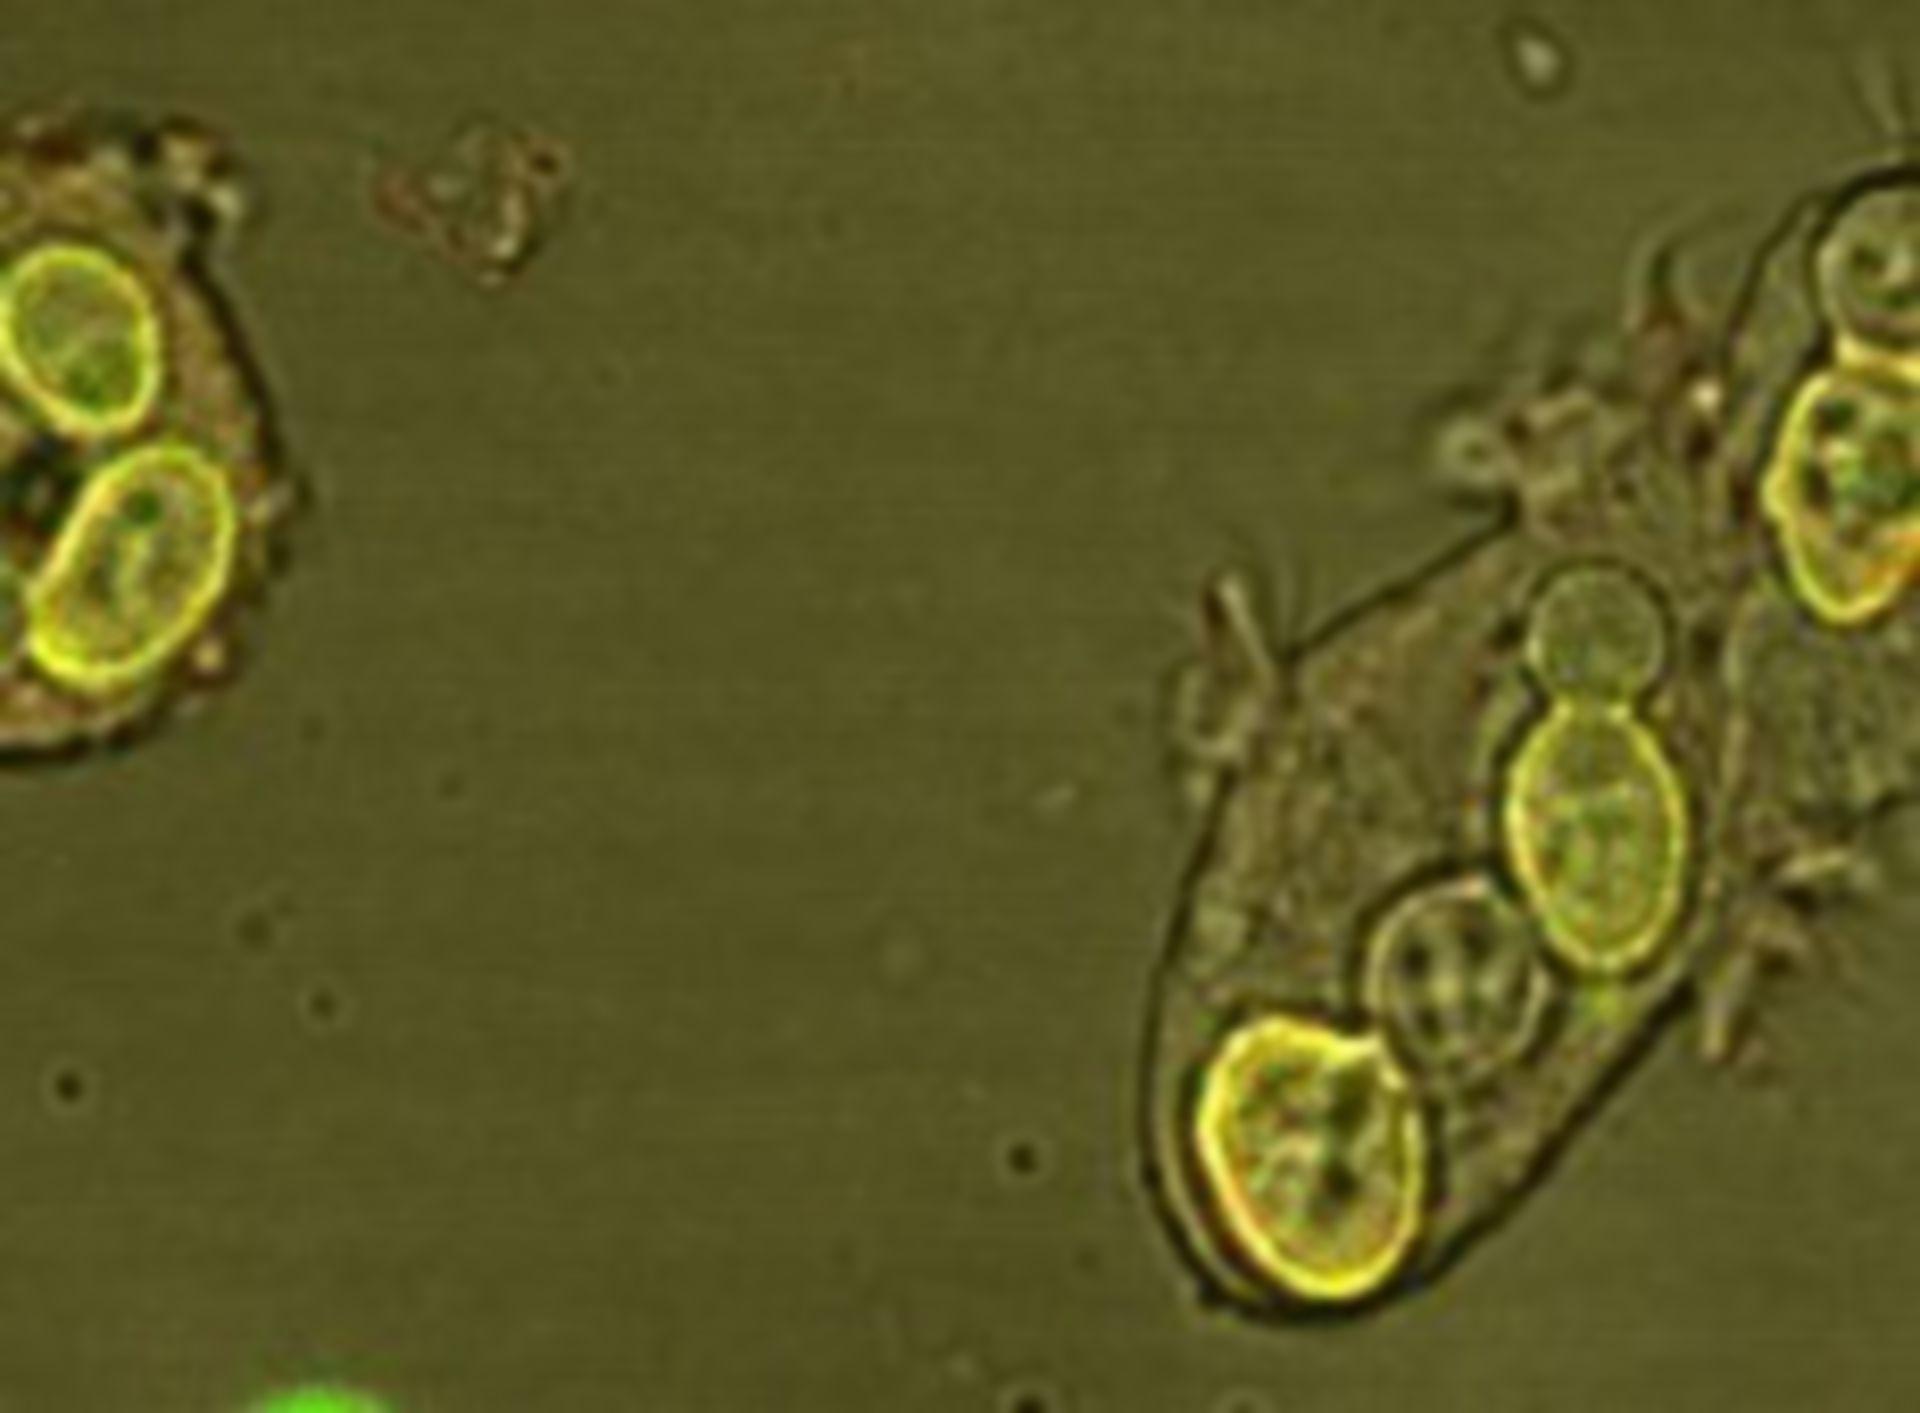 Dictyostelium discoideum (vacuolo alimentare) - CIL:7327